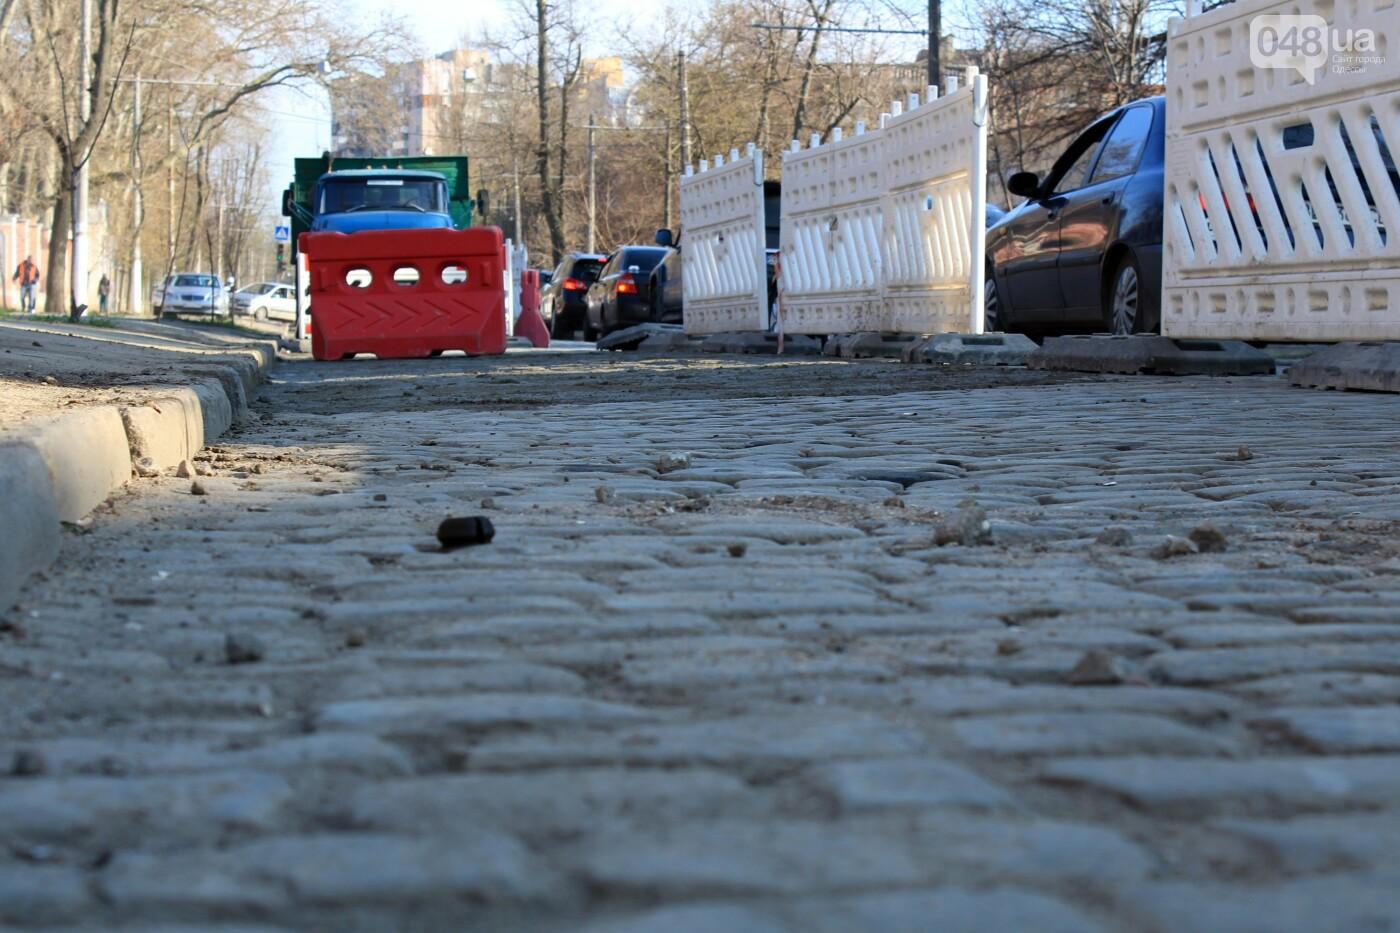 На Французском бульваре перестилают брусчатку: автомобили едут по рельсам, - ФОТО, ВИДЕО , фото-4